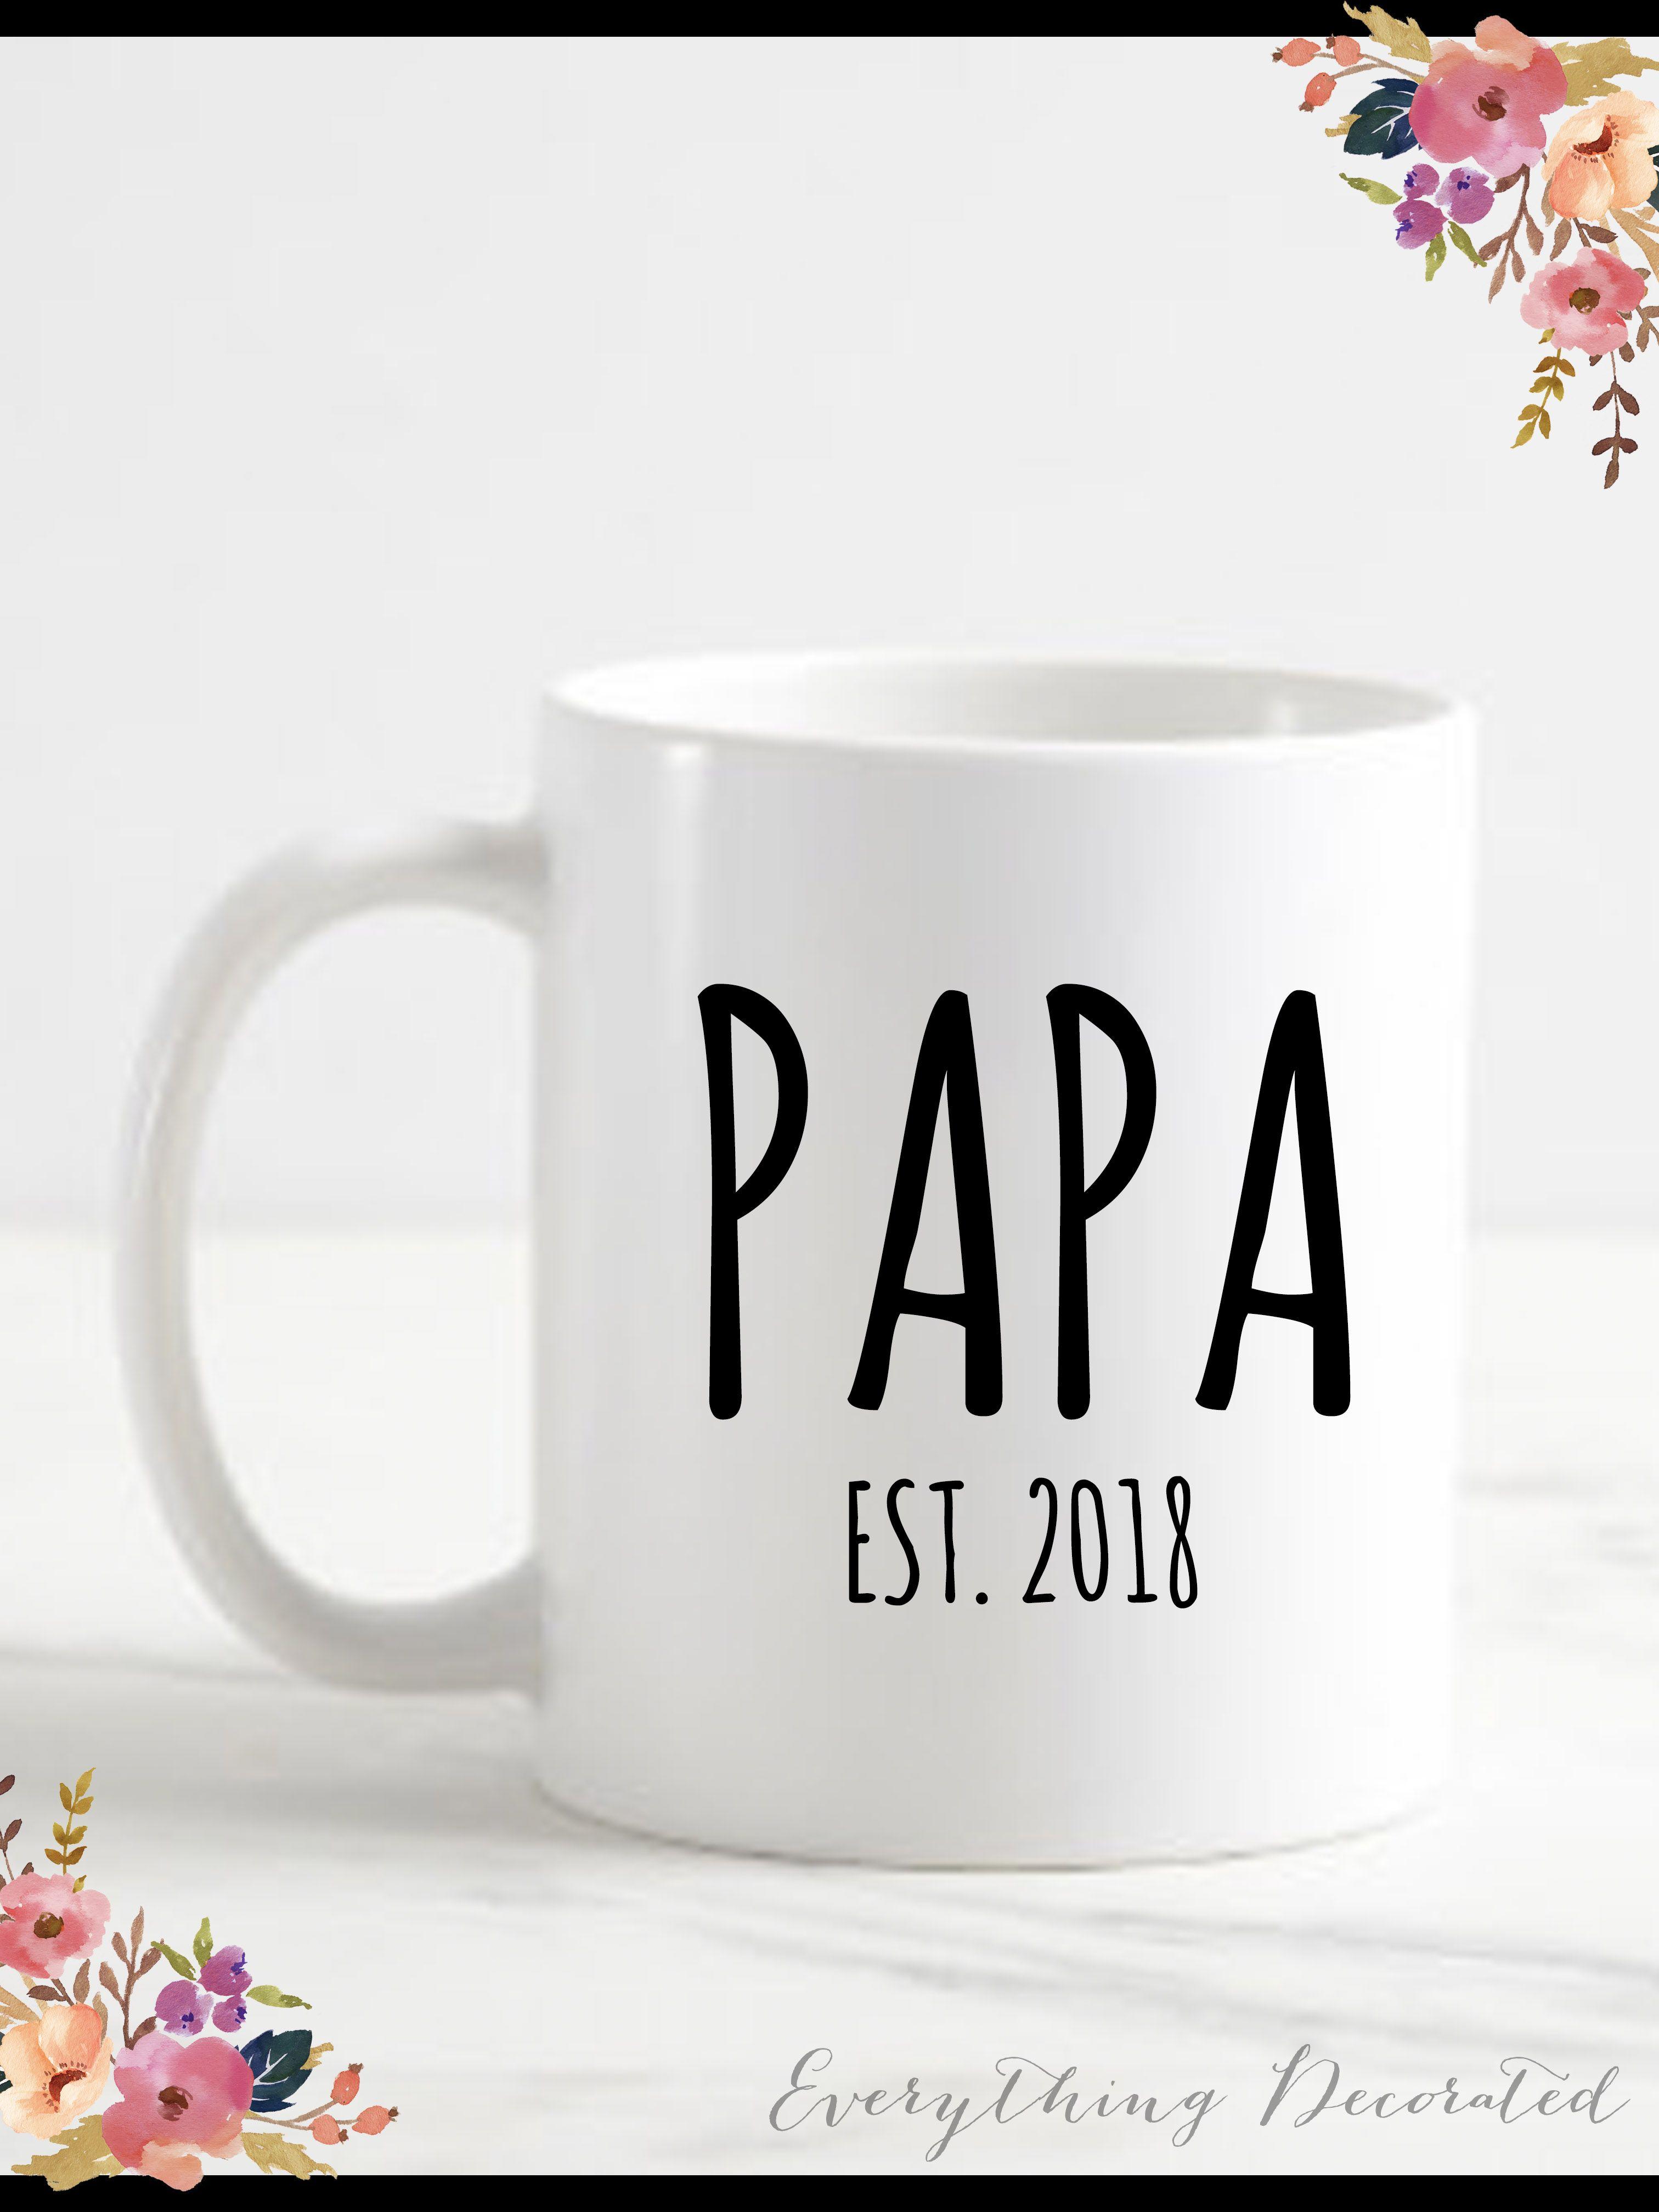 Papa Bear Gift Mug For Grandpa Grandparents New To Be Gifts